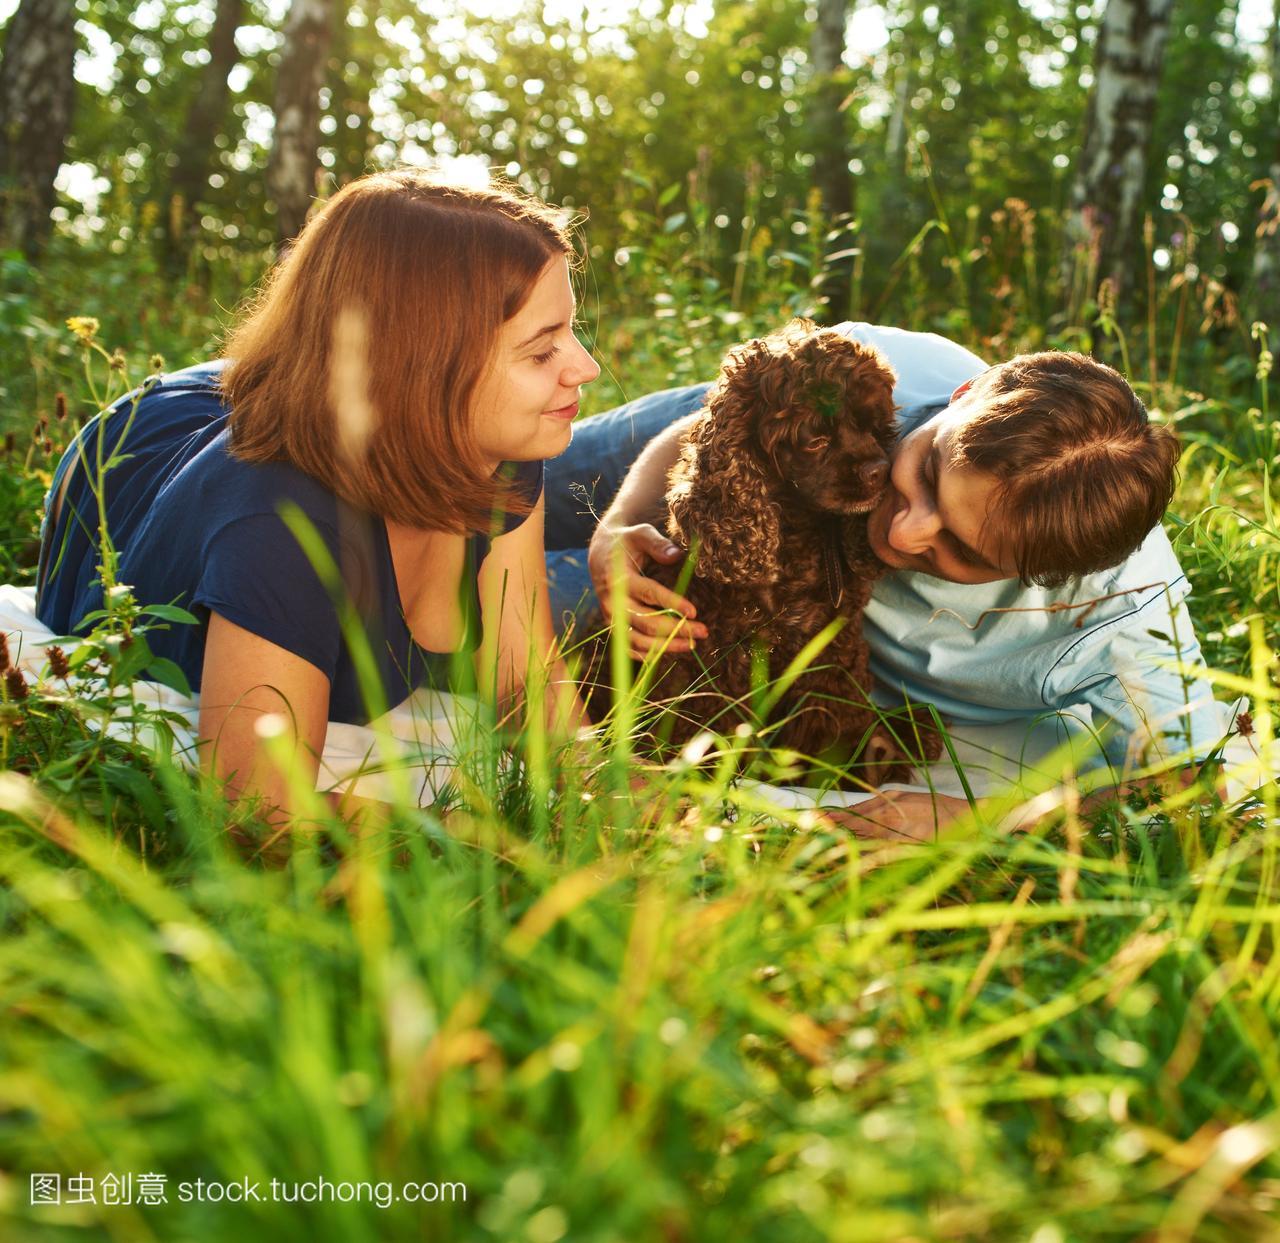 伴侣,夫妻,图片,人,夏天,拍马屁,狗,发根,发型,快宠物男人垫的短发褐色女生图片